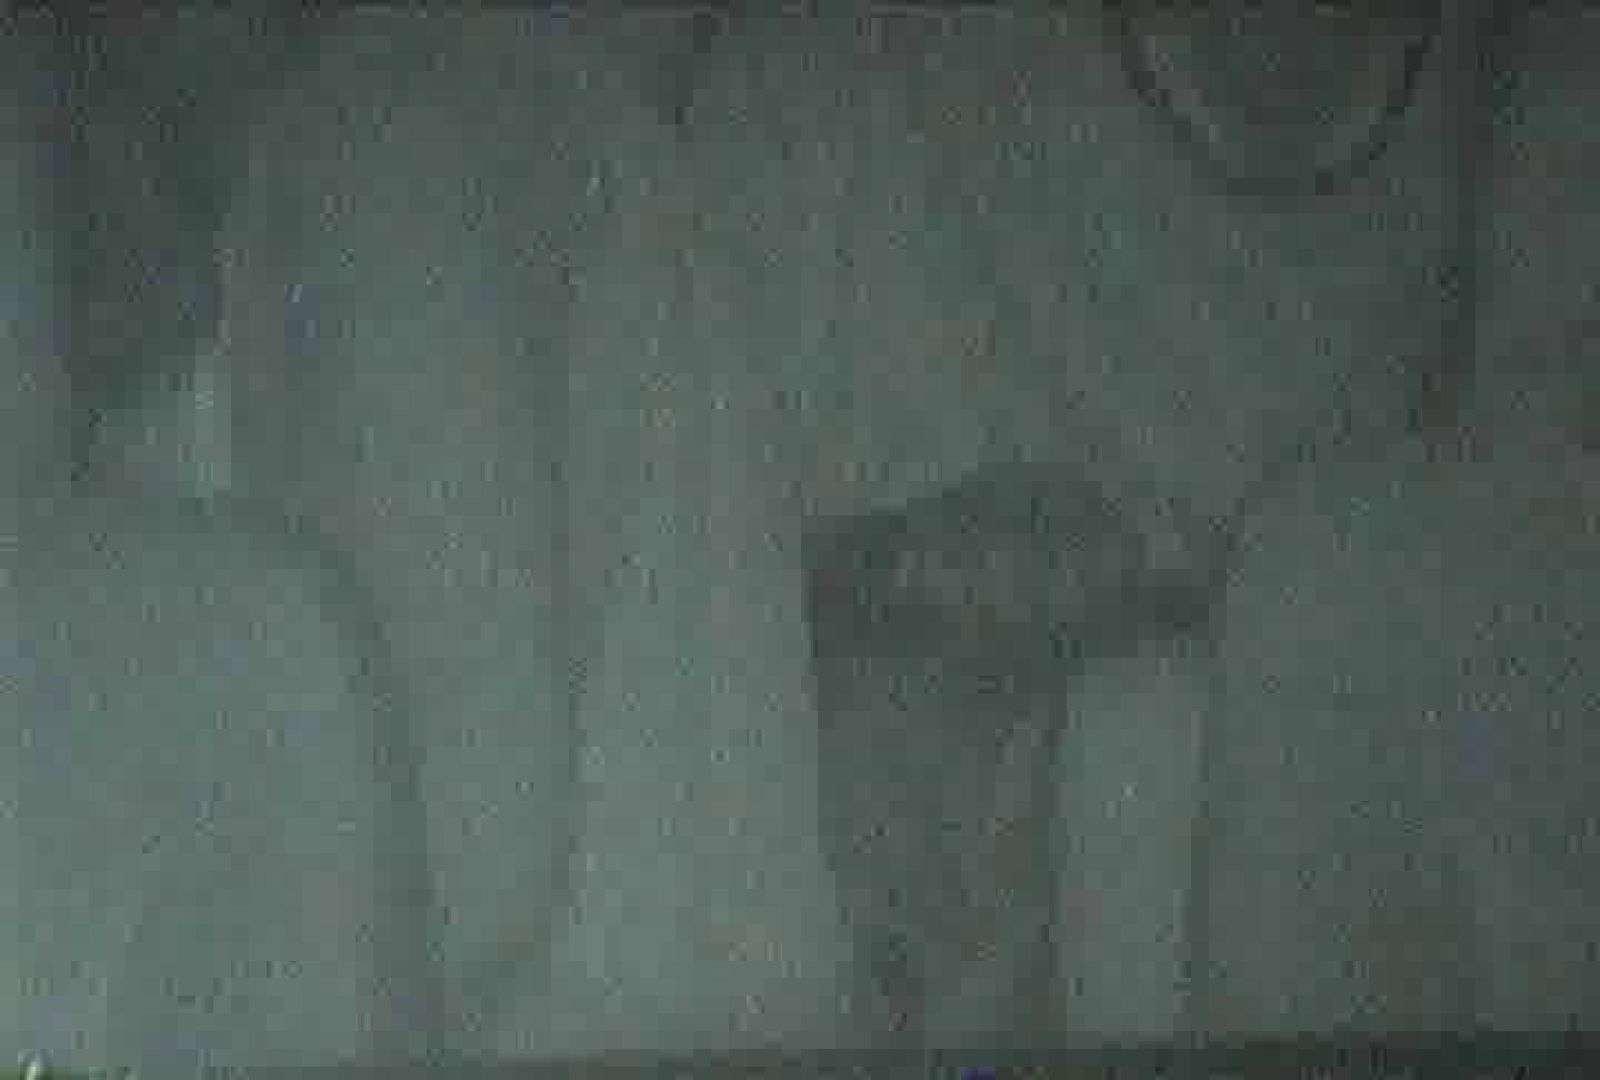 充血監督の深夜の運動会Vol.87 マンコ | OLの実態  91pic 29